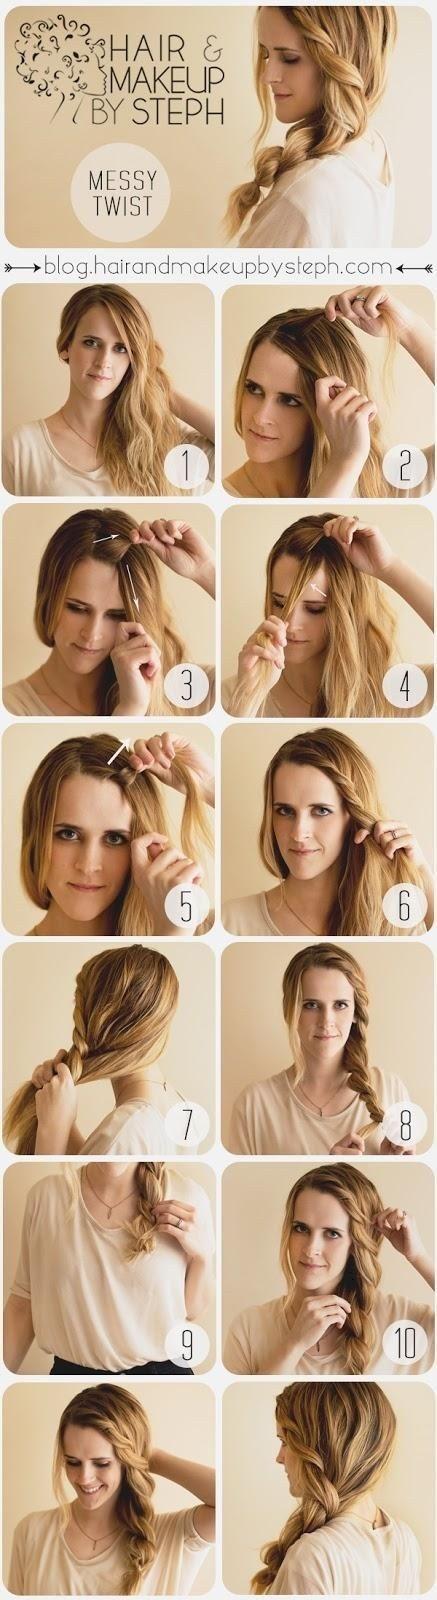 Si tienes cabello abundante, este giro robusto es una variante romántica de la cola de caballo de lado. | 27 consejos y trucos para lograr hacer una cola de caballo perfecta